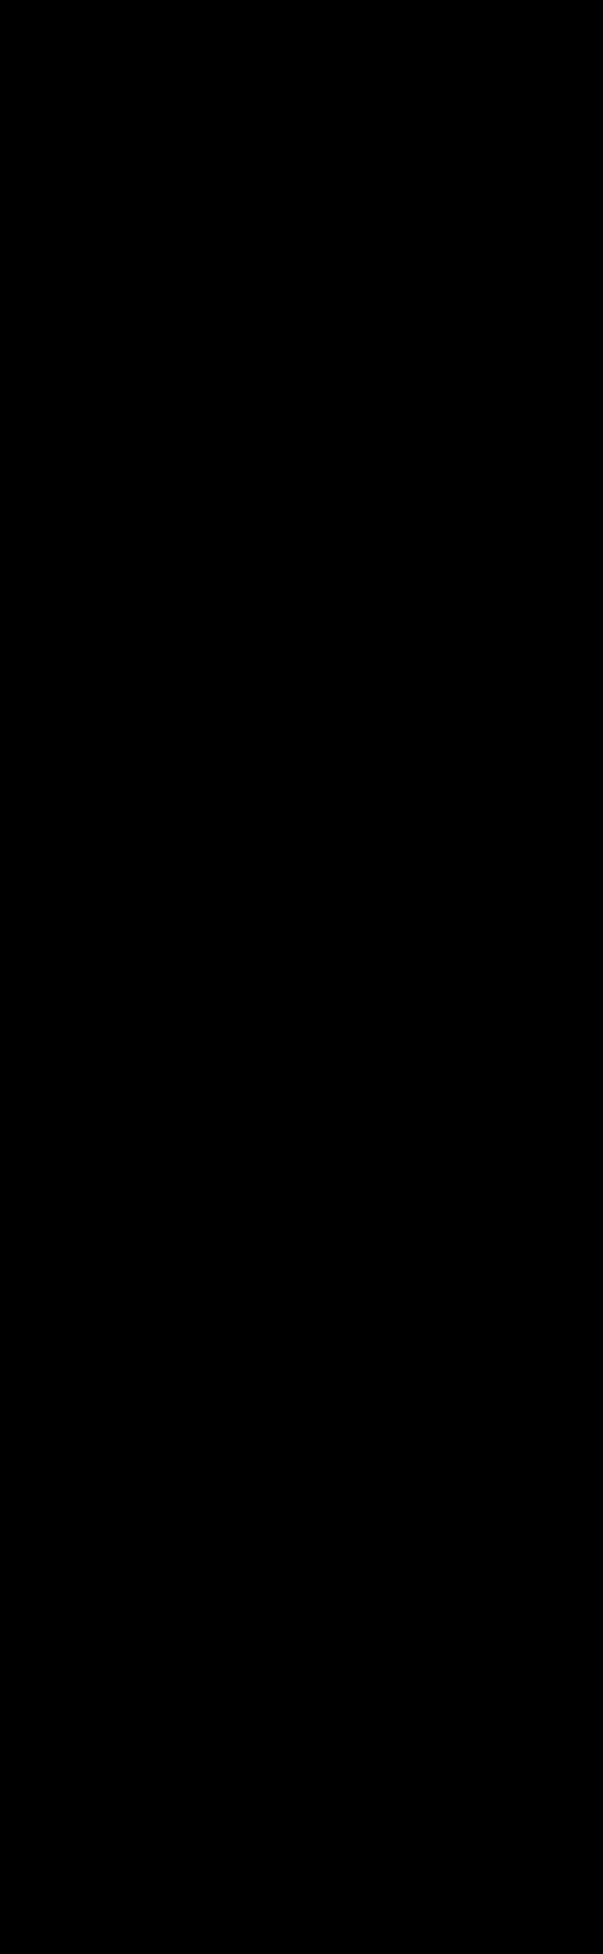 คอร์ดกีต้า คอร์ดกีต้าร์ไฟฟ้า เพลง นานแค่ไหน Feat. บุรินทร์ บุญวิสุทธิ์